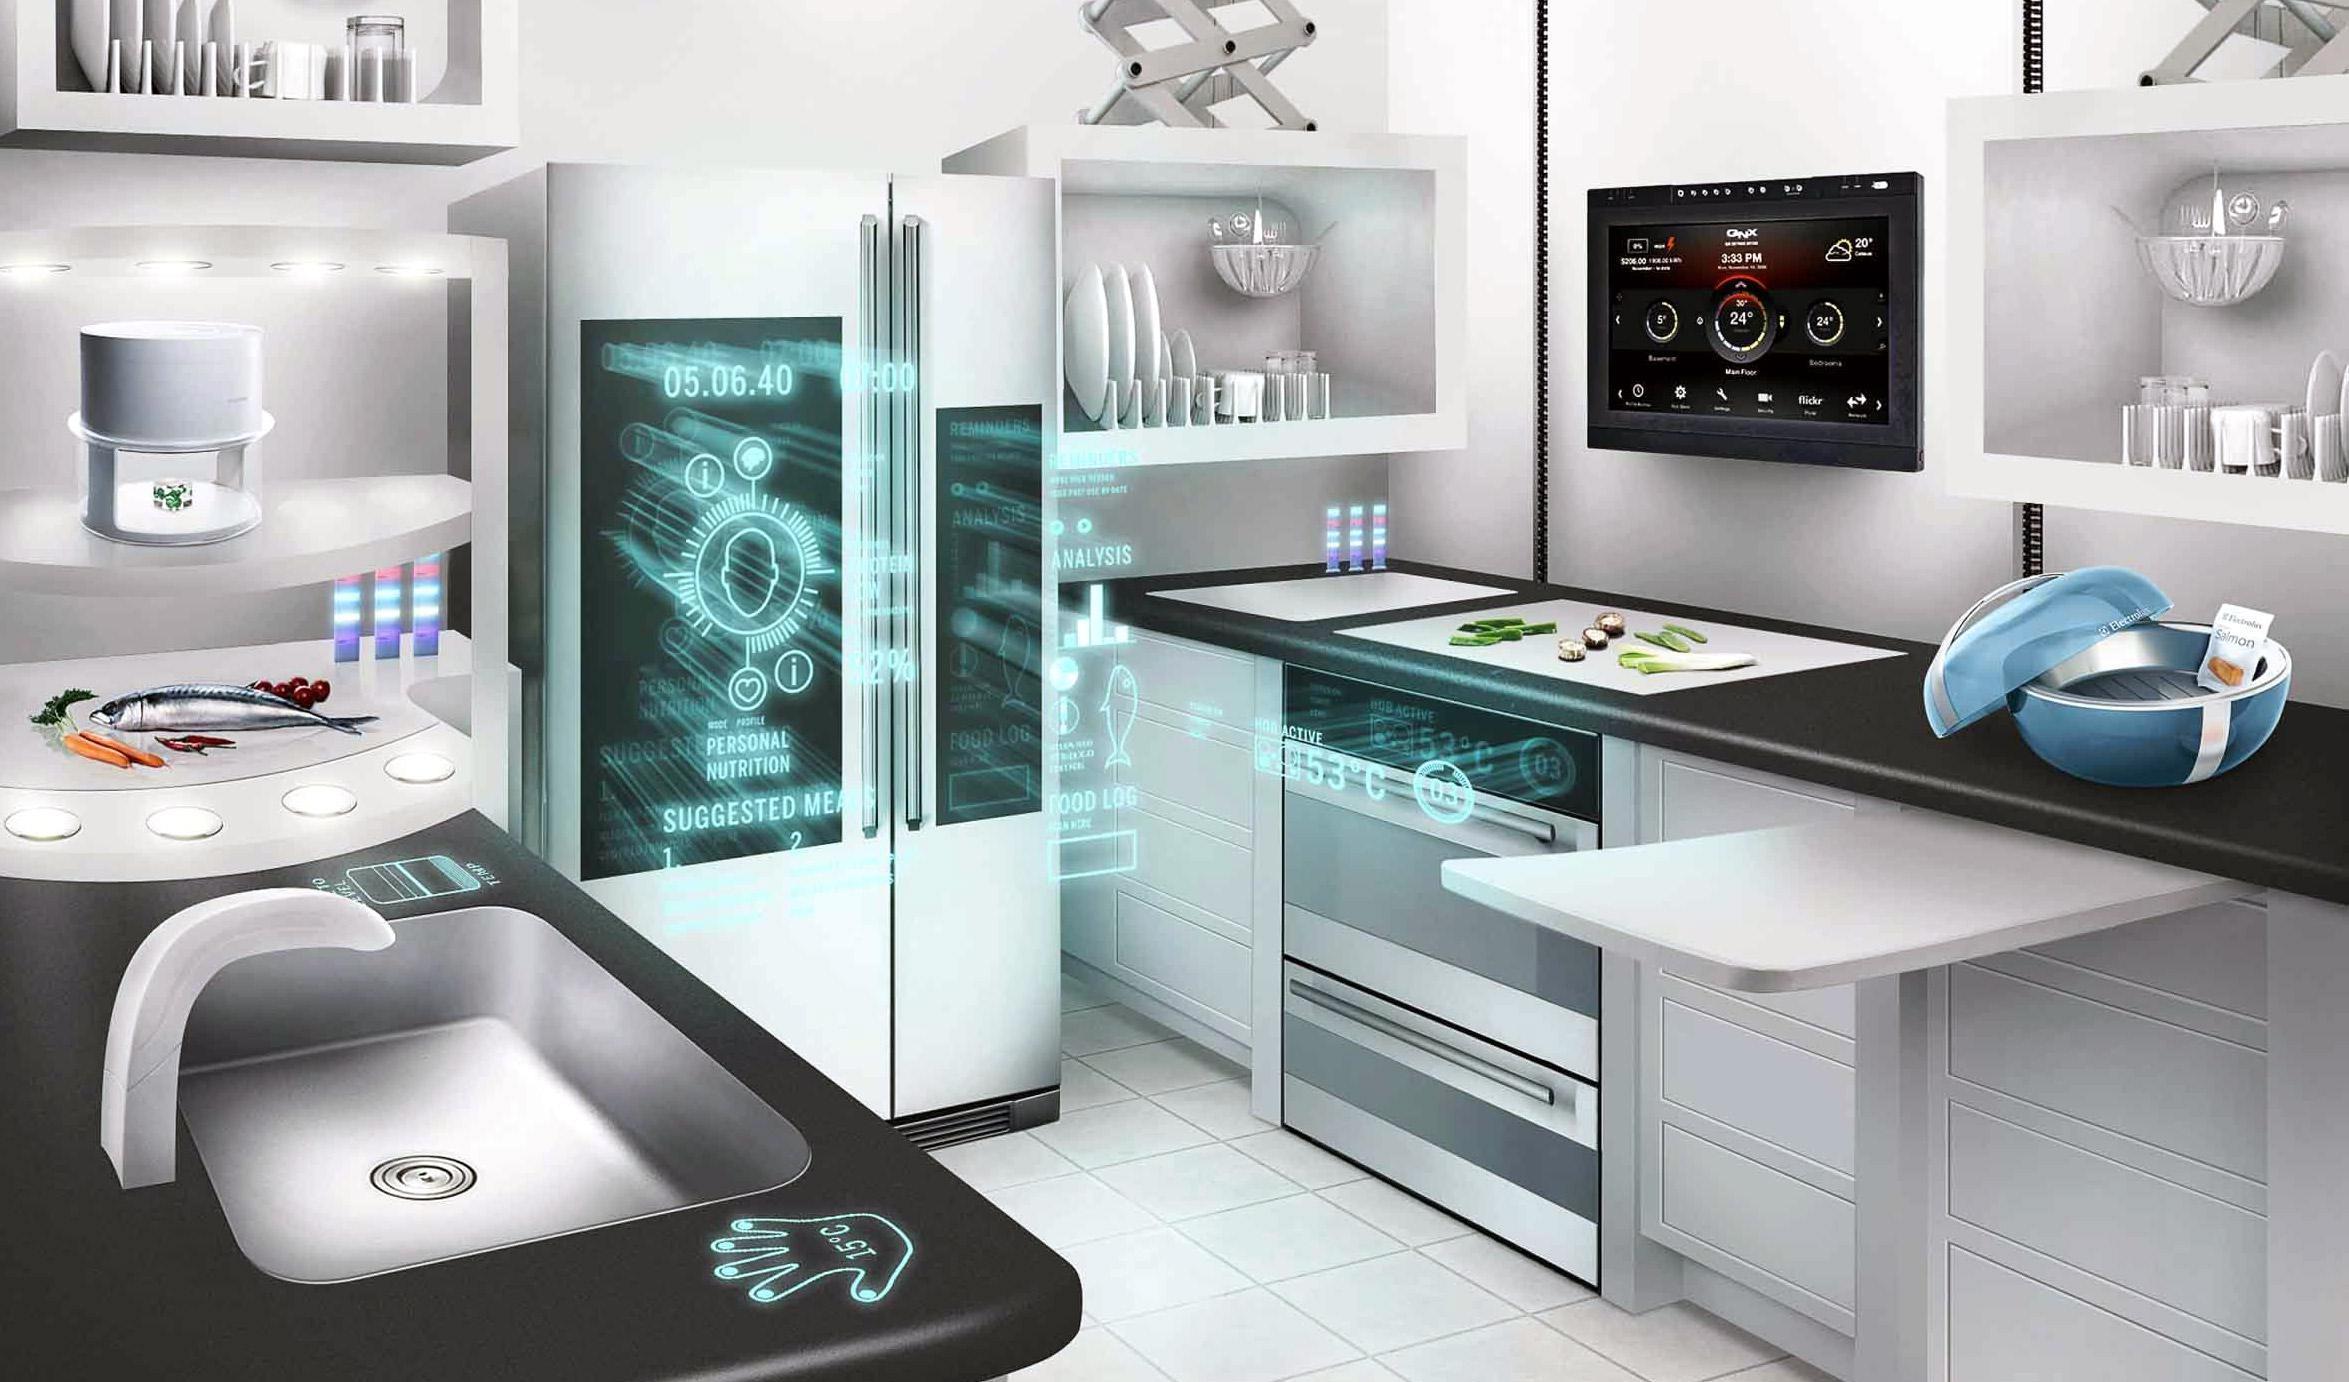 IoT and future UI